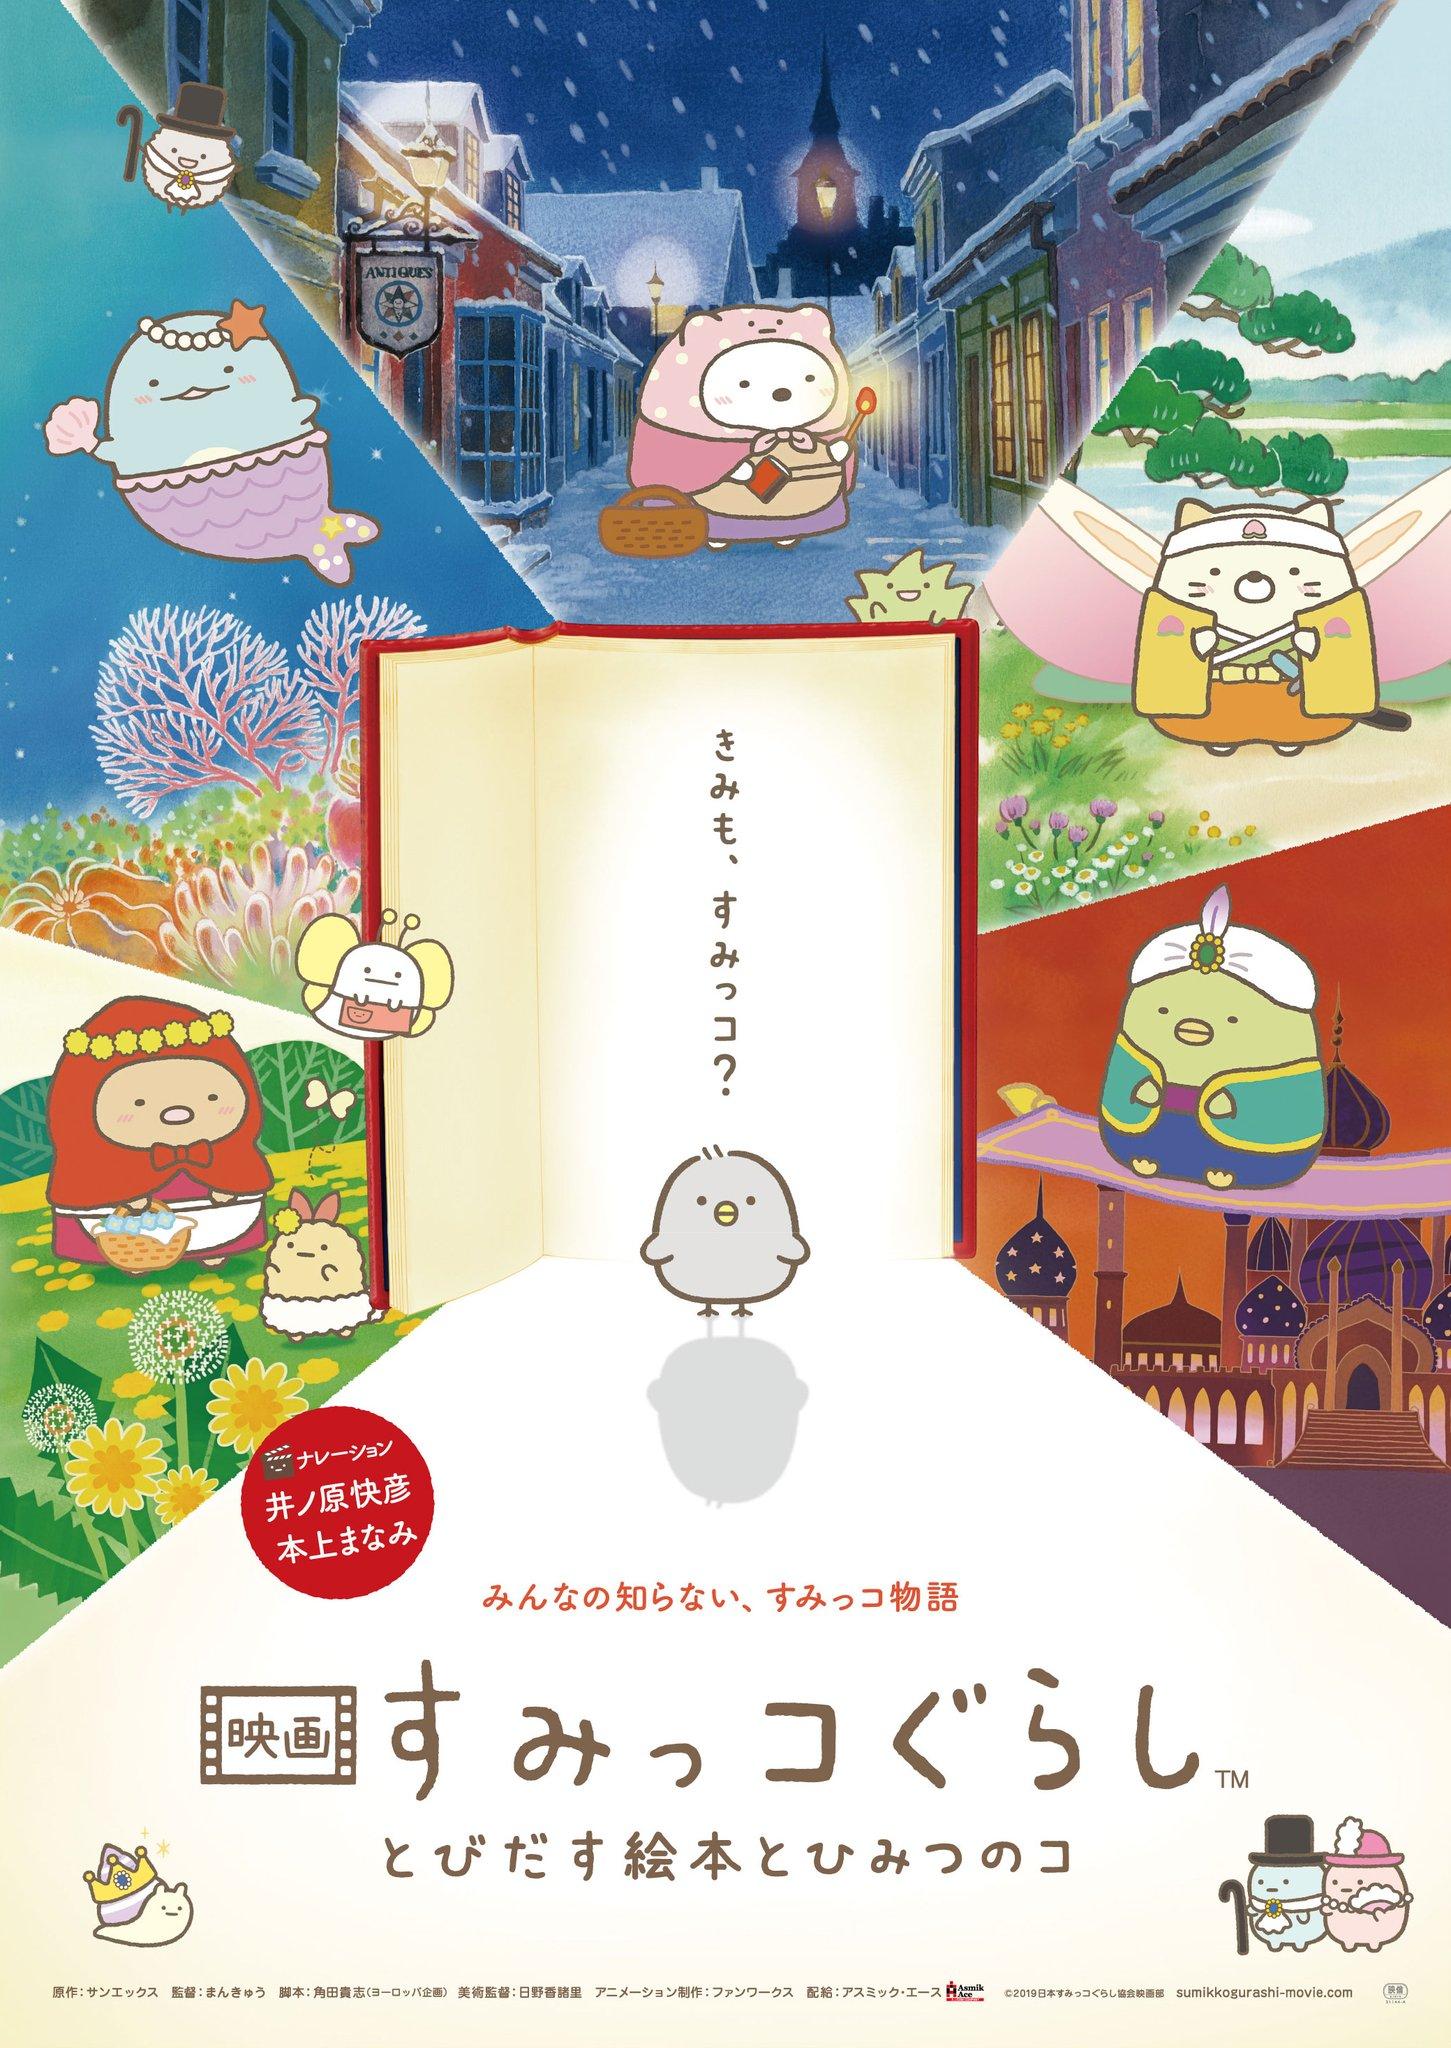 「映画 すみっコぐらし」アニメーション作品賞を受賞!日本映画批評家大賞